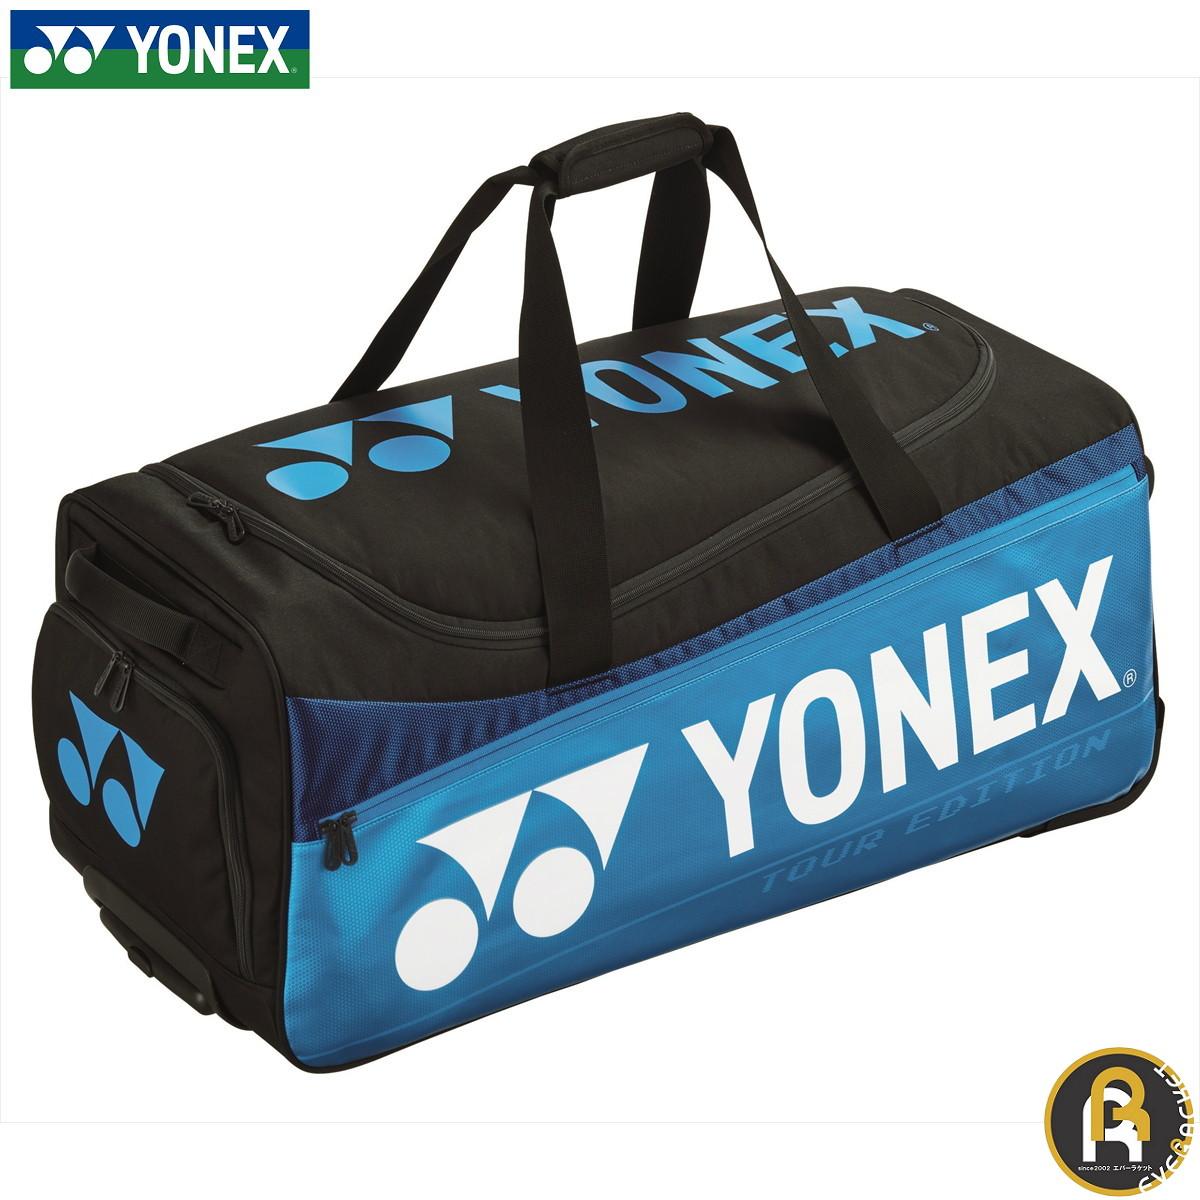 ヨネックス YONEX バッグ キャスターバッグ BAG2000C バドミントン・テニス